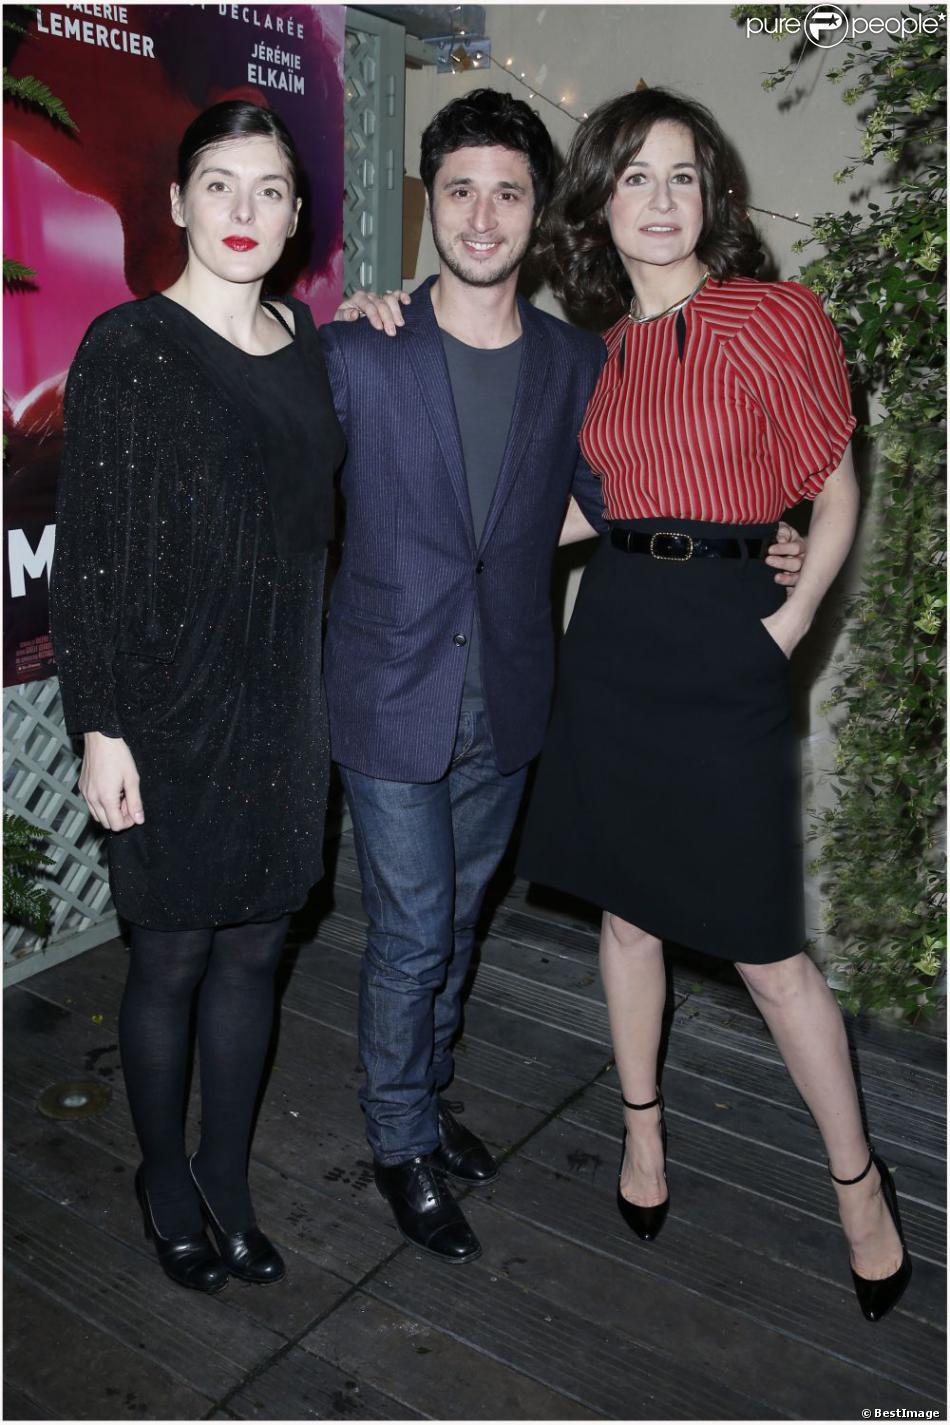 Valérie Donzelli, Jérémie Elkaim, Valérie Lemercier lors de l'avant-première du film Main dans la Main au cinéma du Panthéon à Paris le 10 décembre 2012